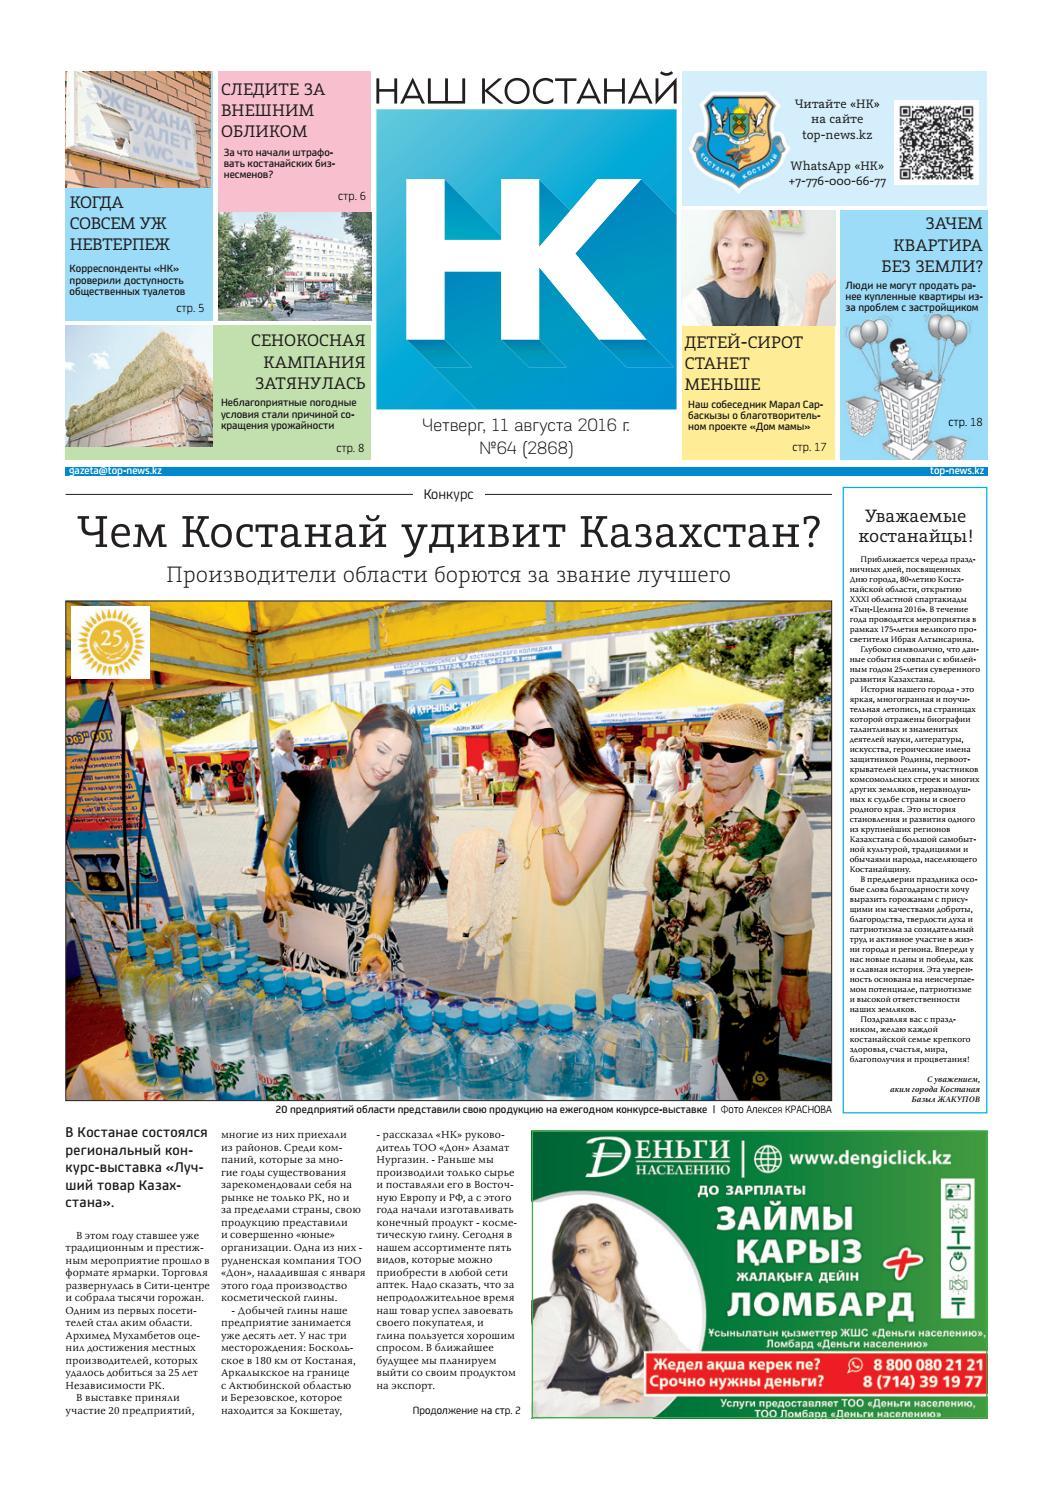 Деньги населению до зарплаты костанай займ в 100 тысяч рублей